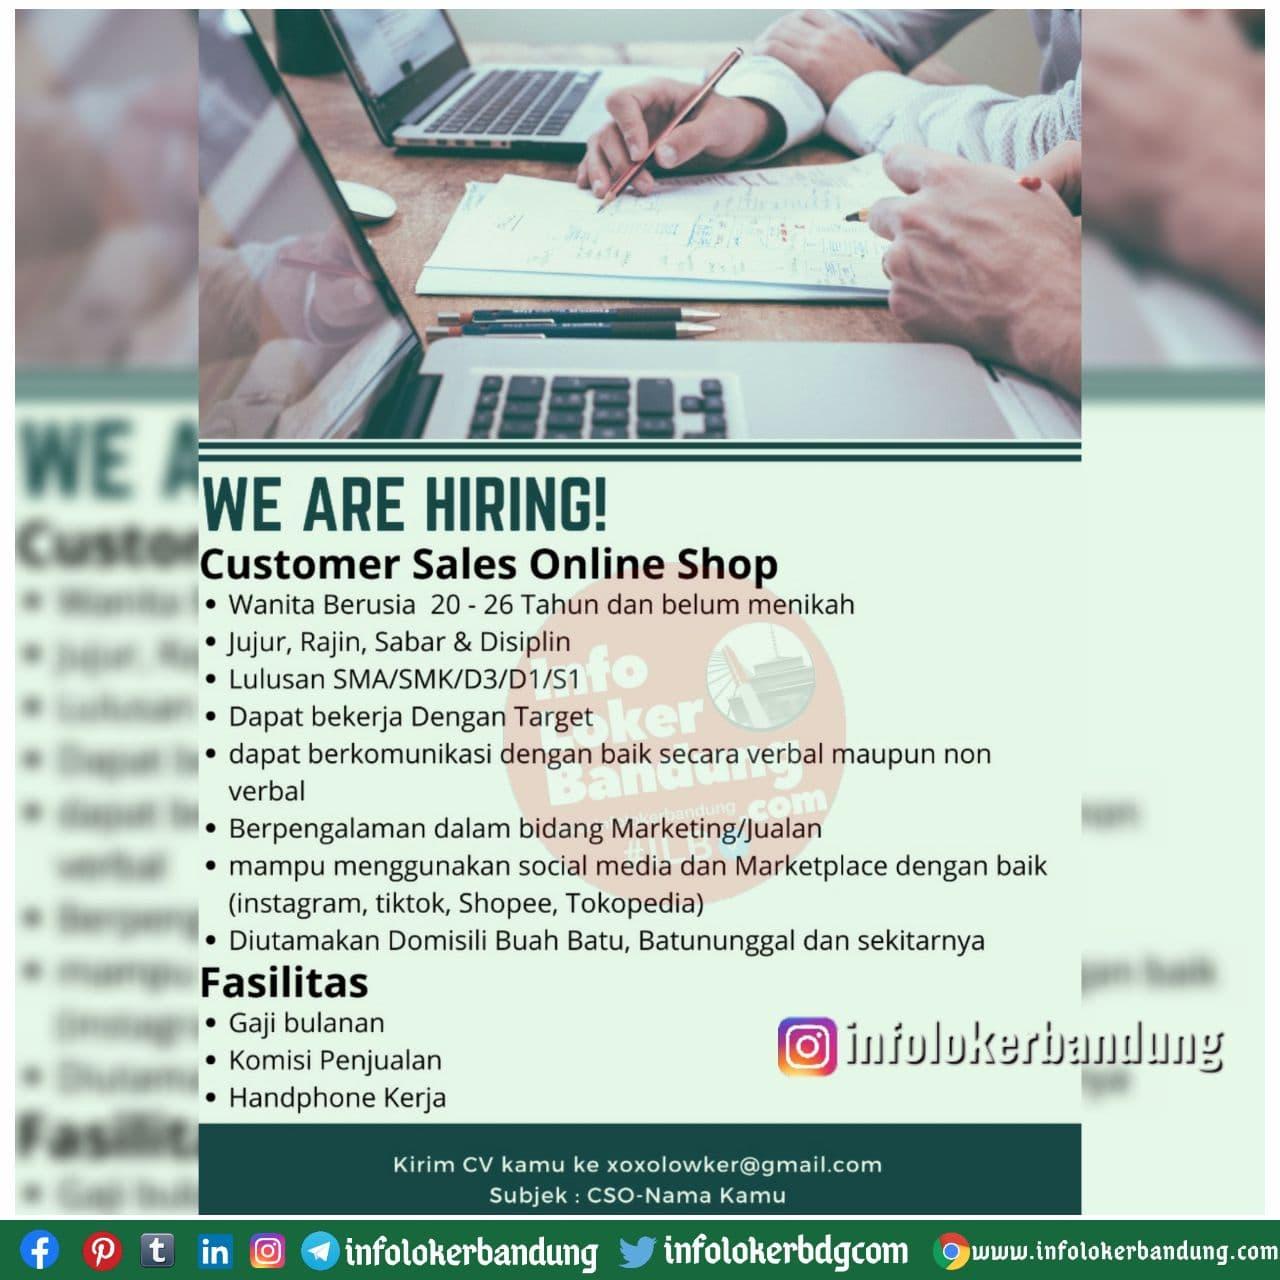 Lowongan Kerja Sales Online Shop Bandung Desember 2020